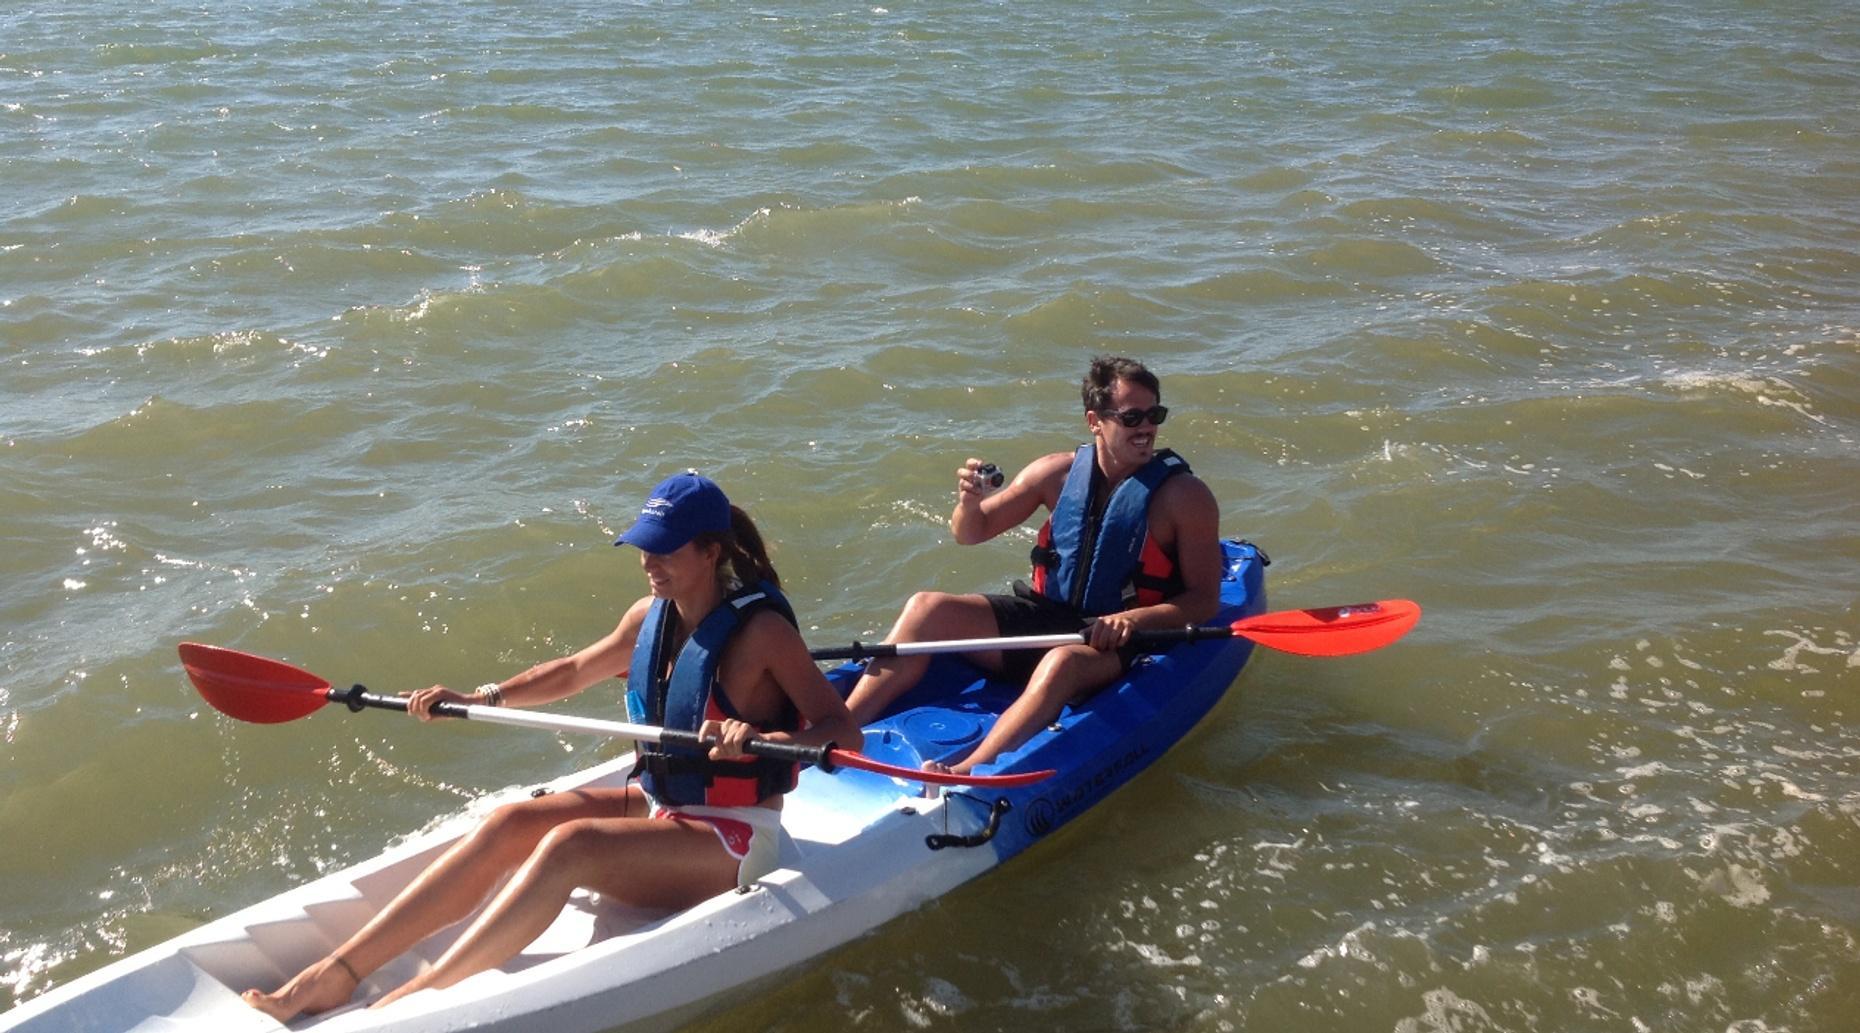 Two Hour Merritt Island Tandem Kayak Rental